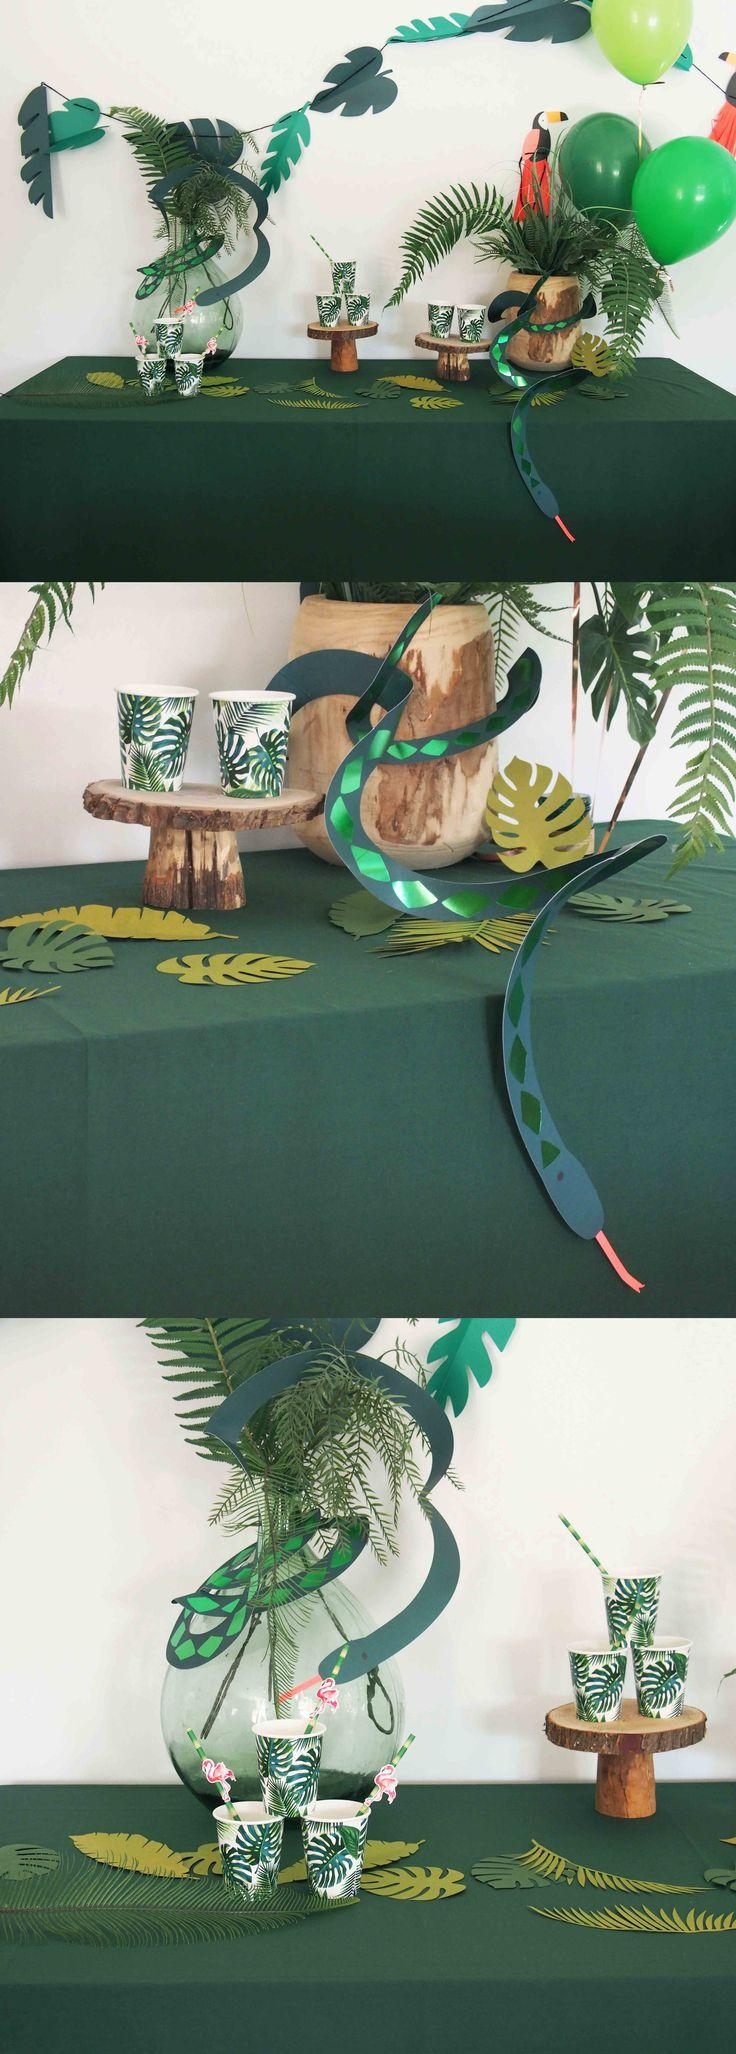 Nappe vert forêt pour dresser une table d'anniversaire sur un thème jungle ou …